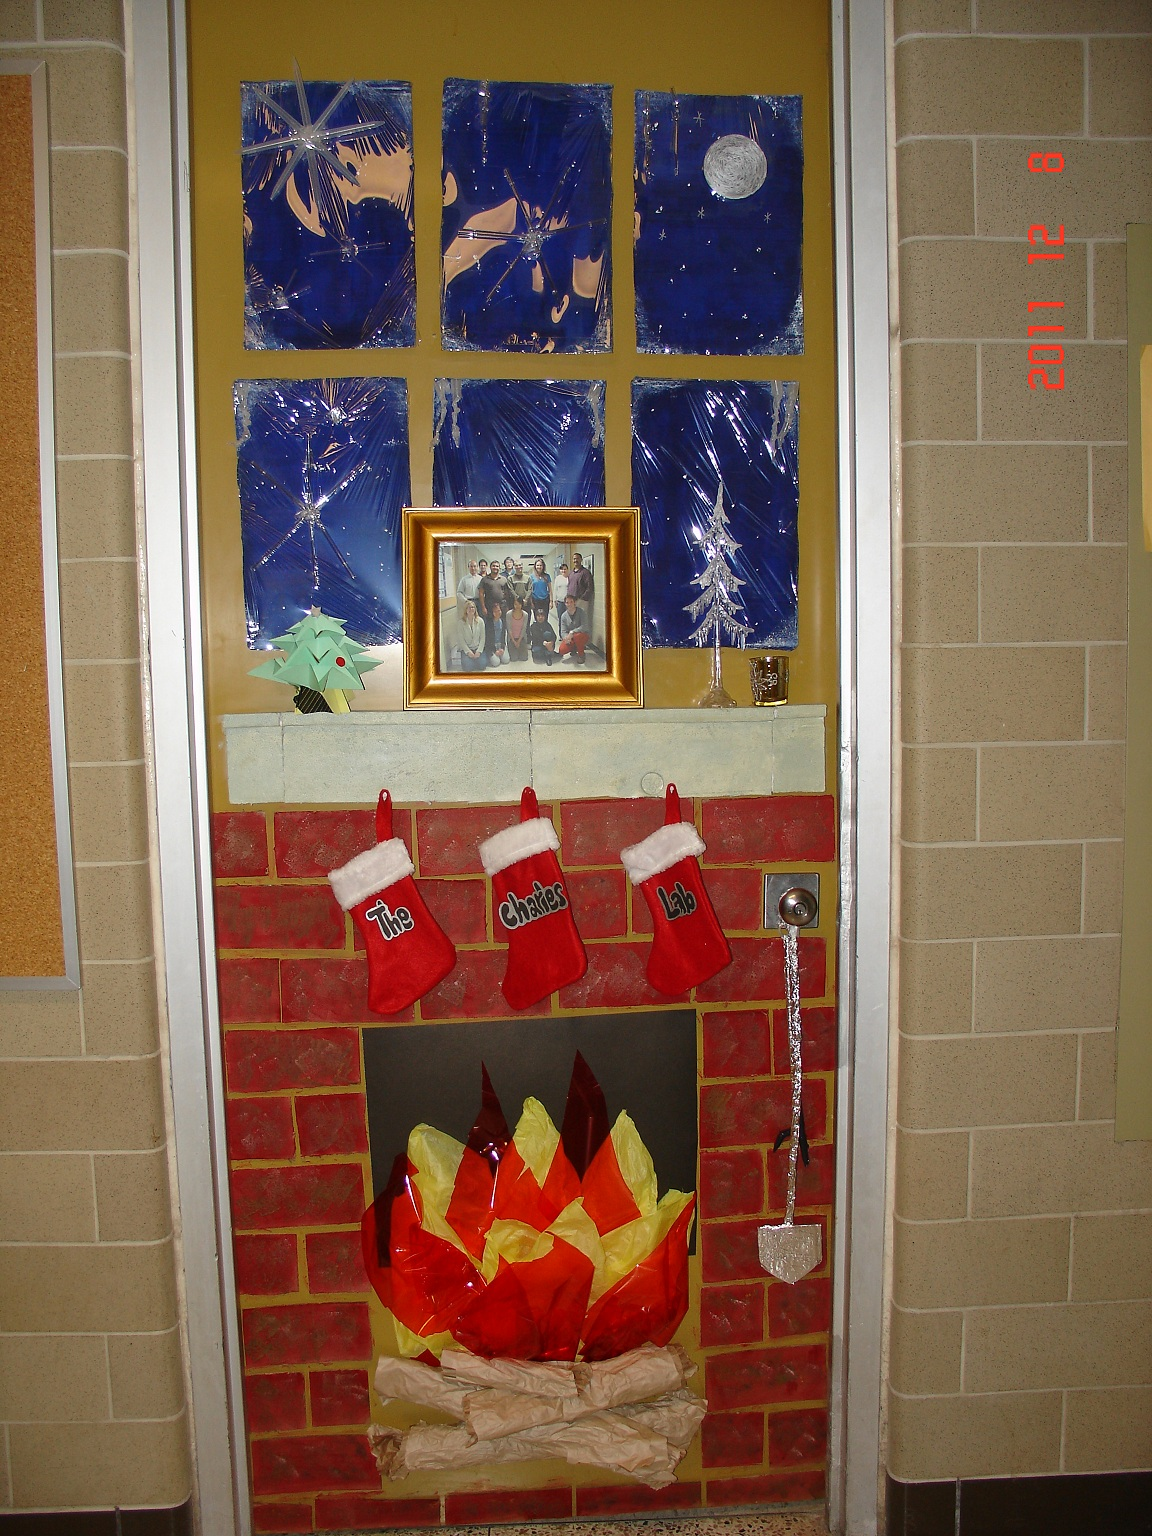 Uw Biology Graduate Student Association Christmas Door